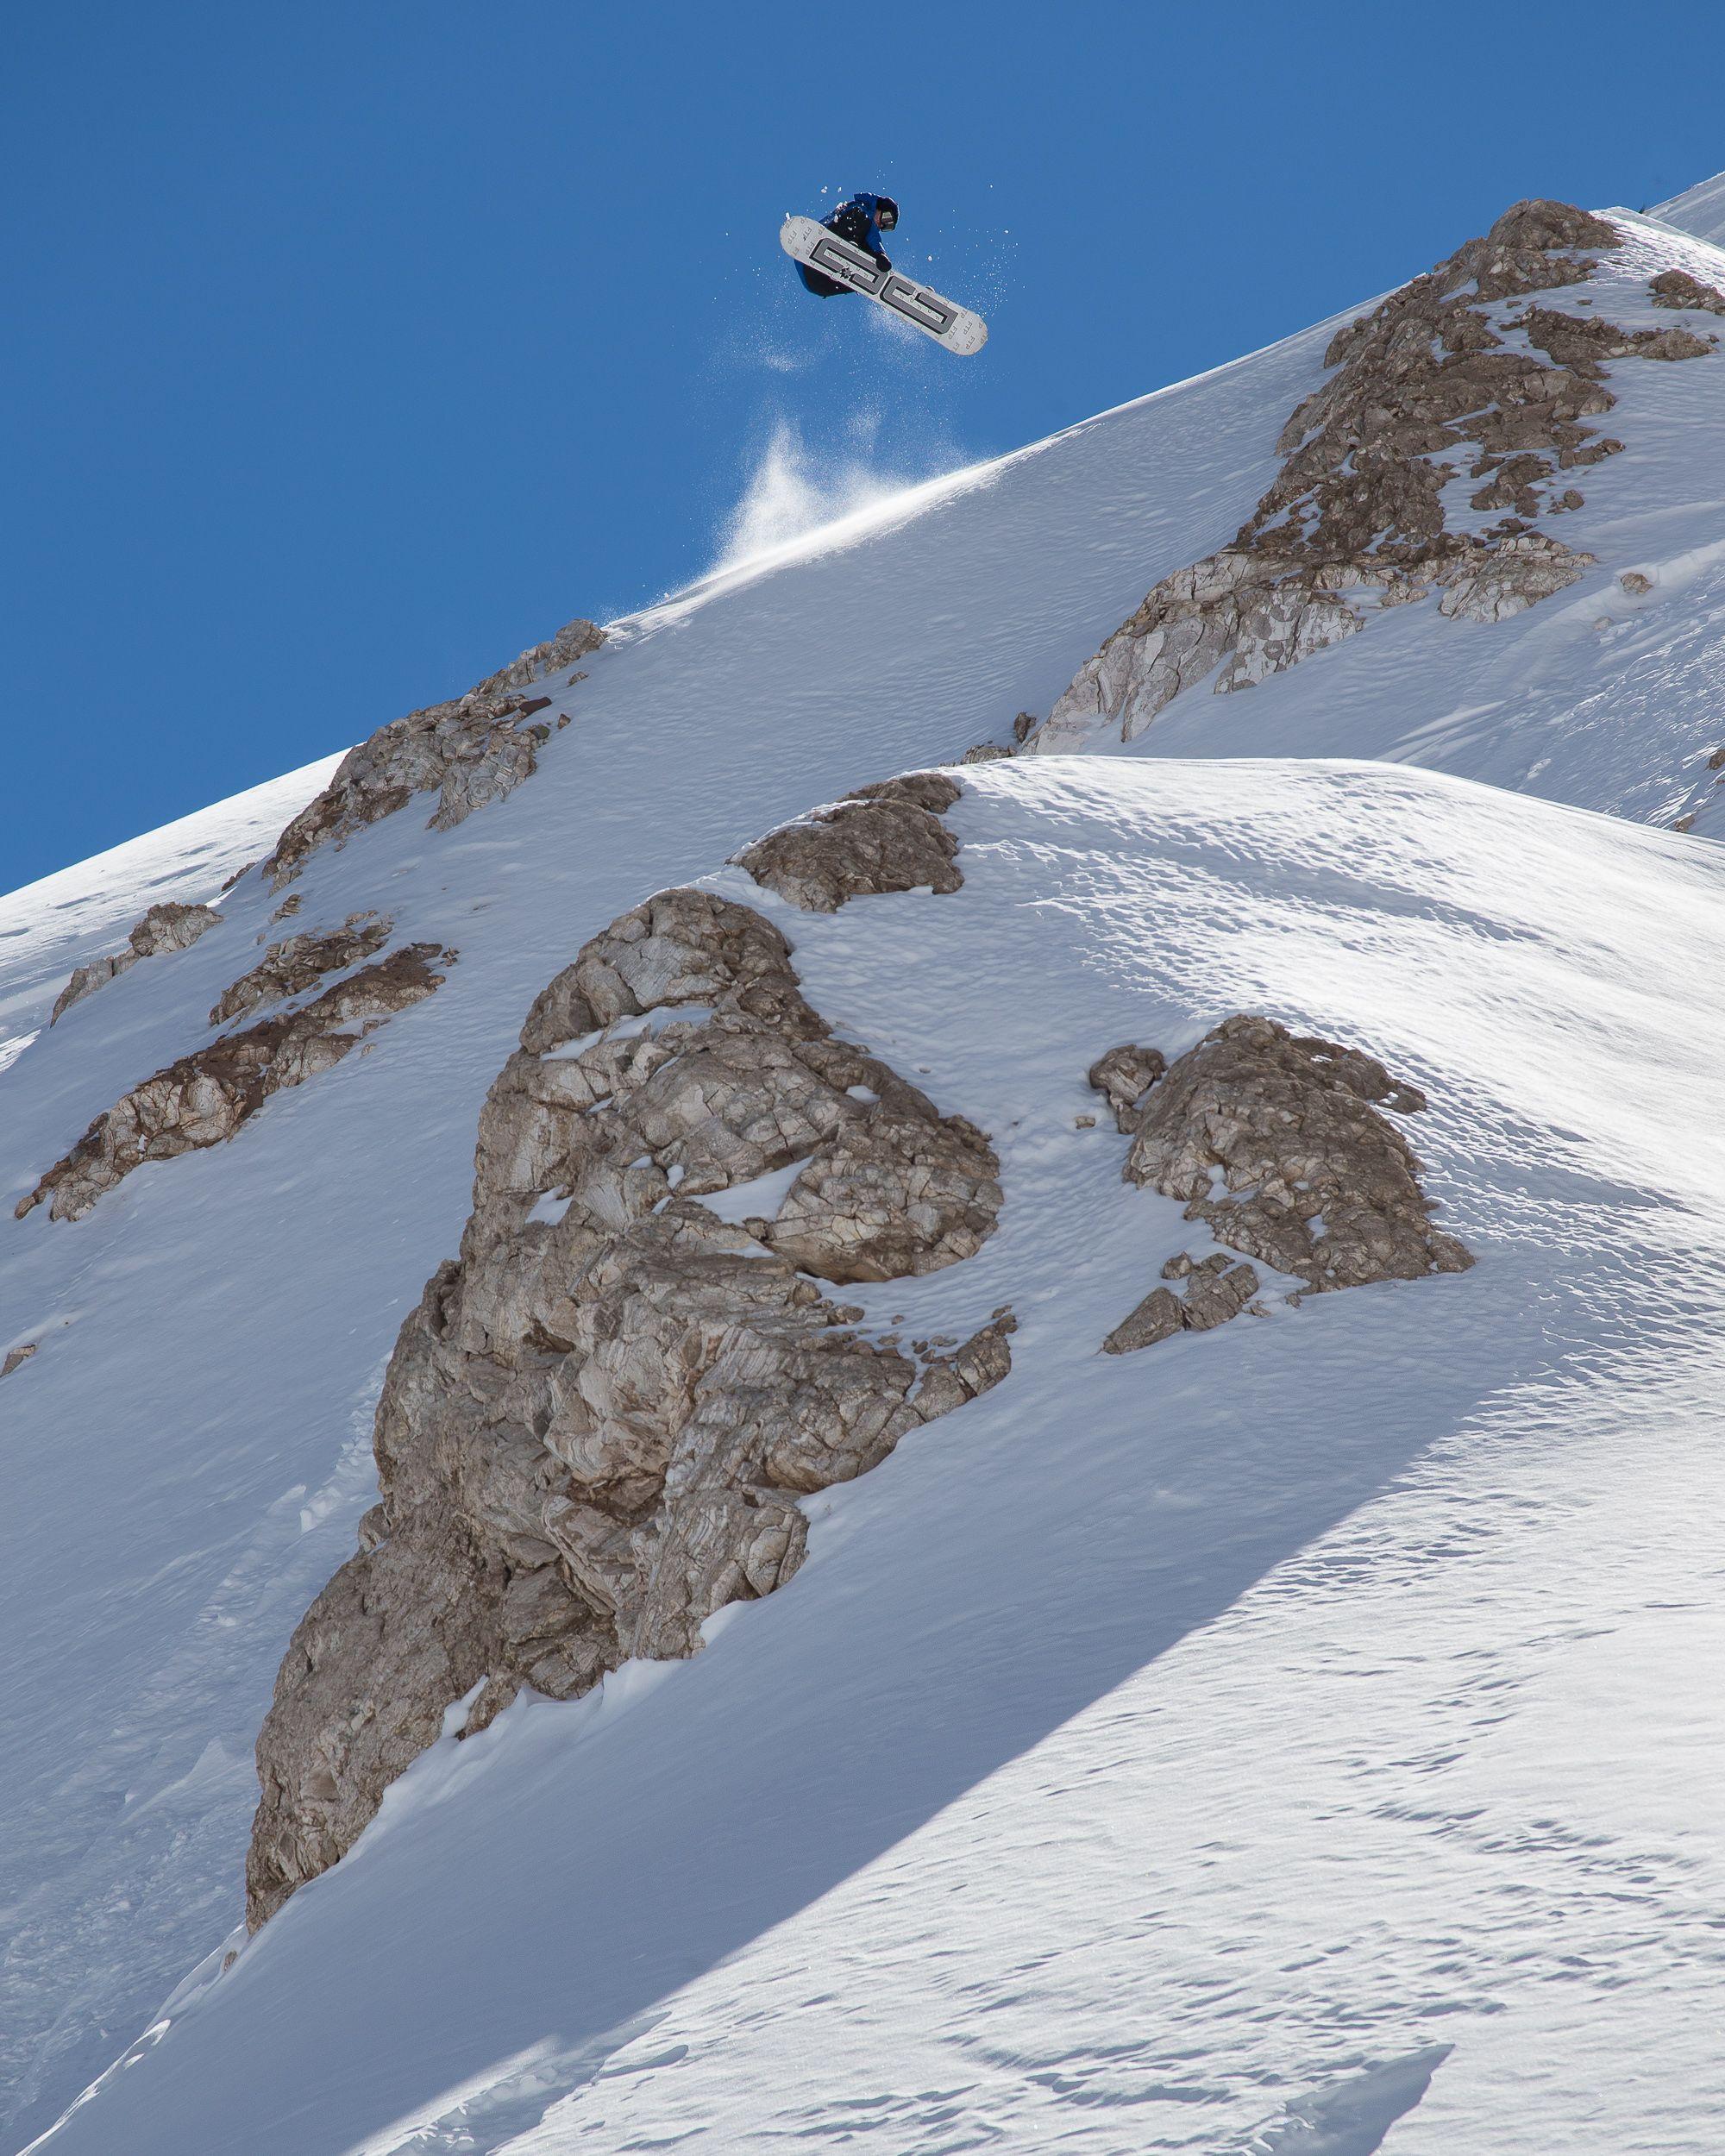 El finés Backstrom (34 años) voló por sobre rocas en pendientes. Su especialidad es la montaña